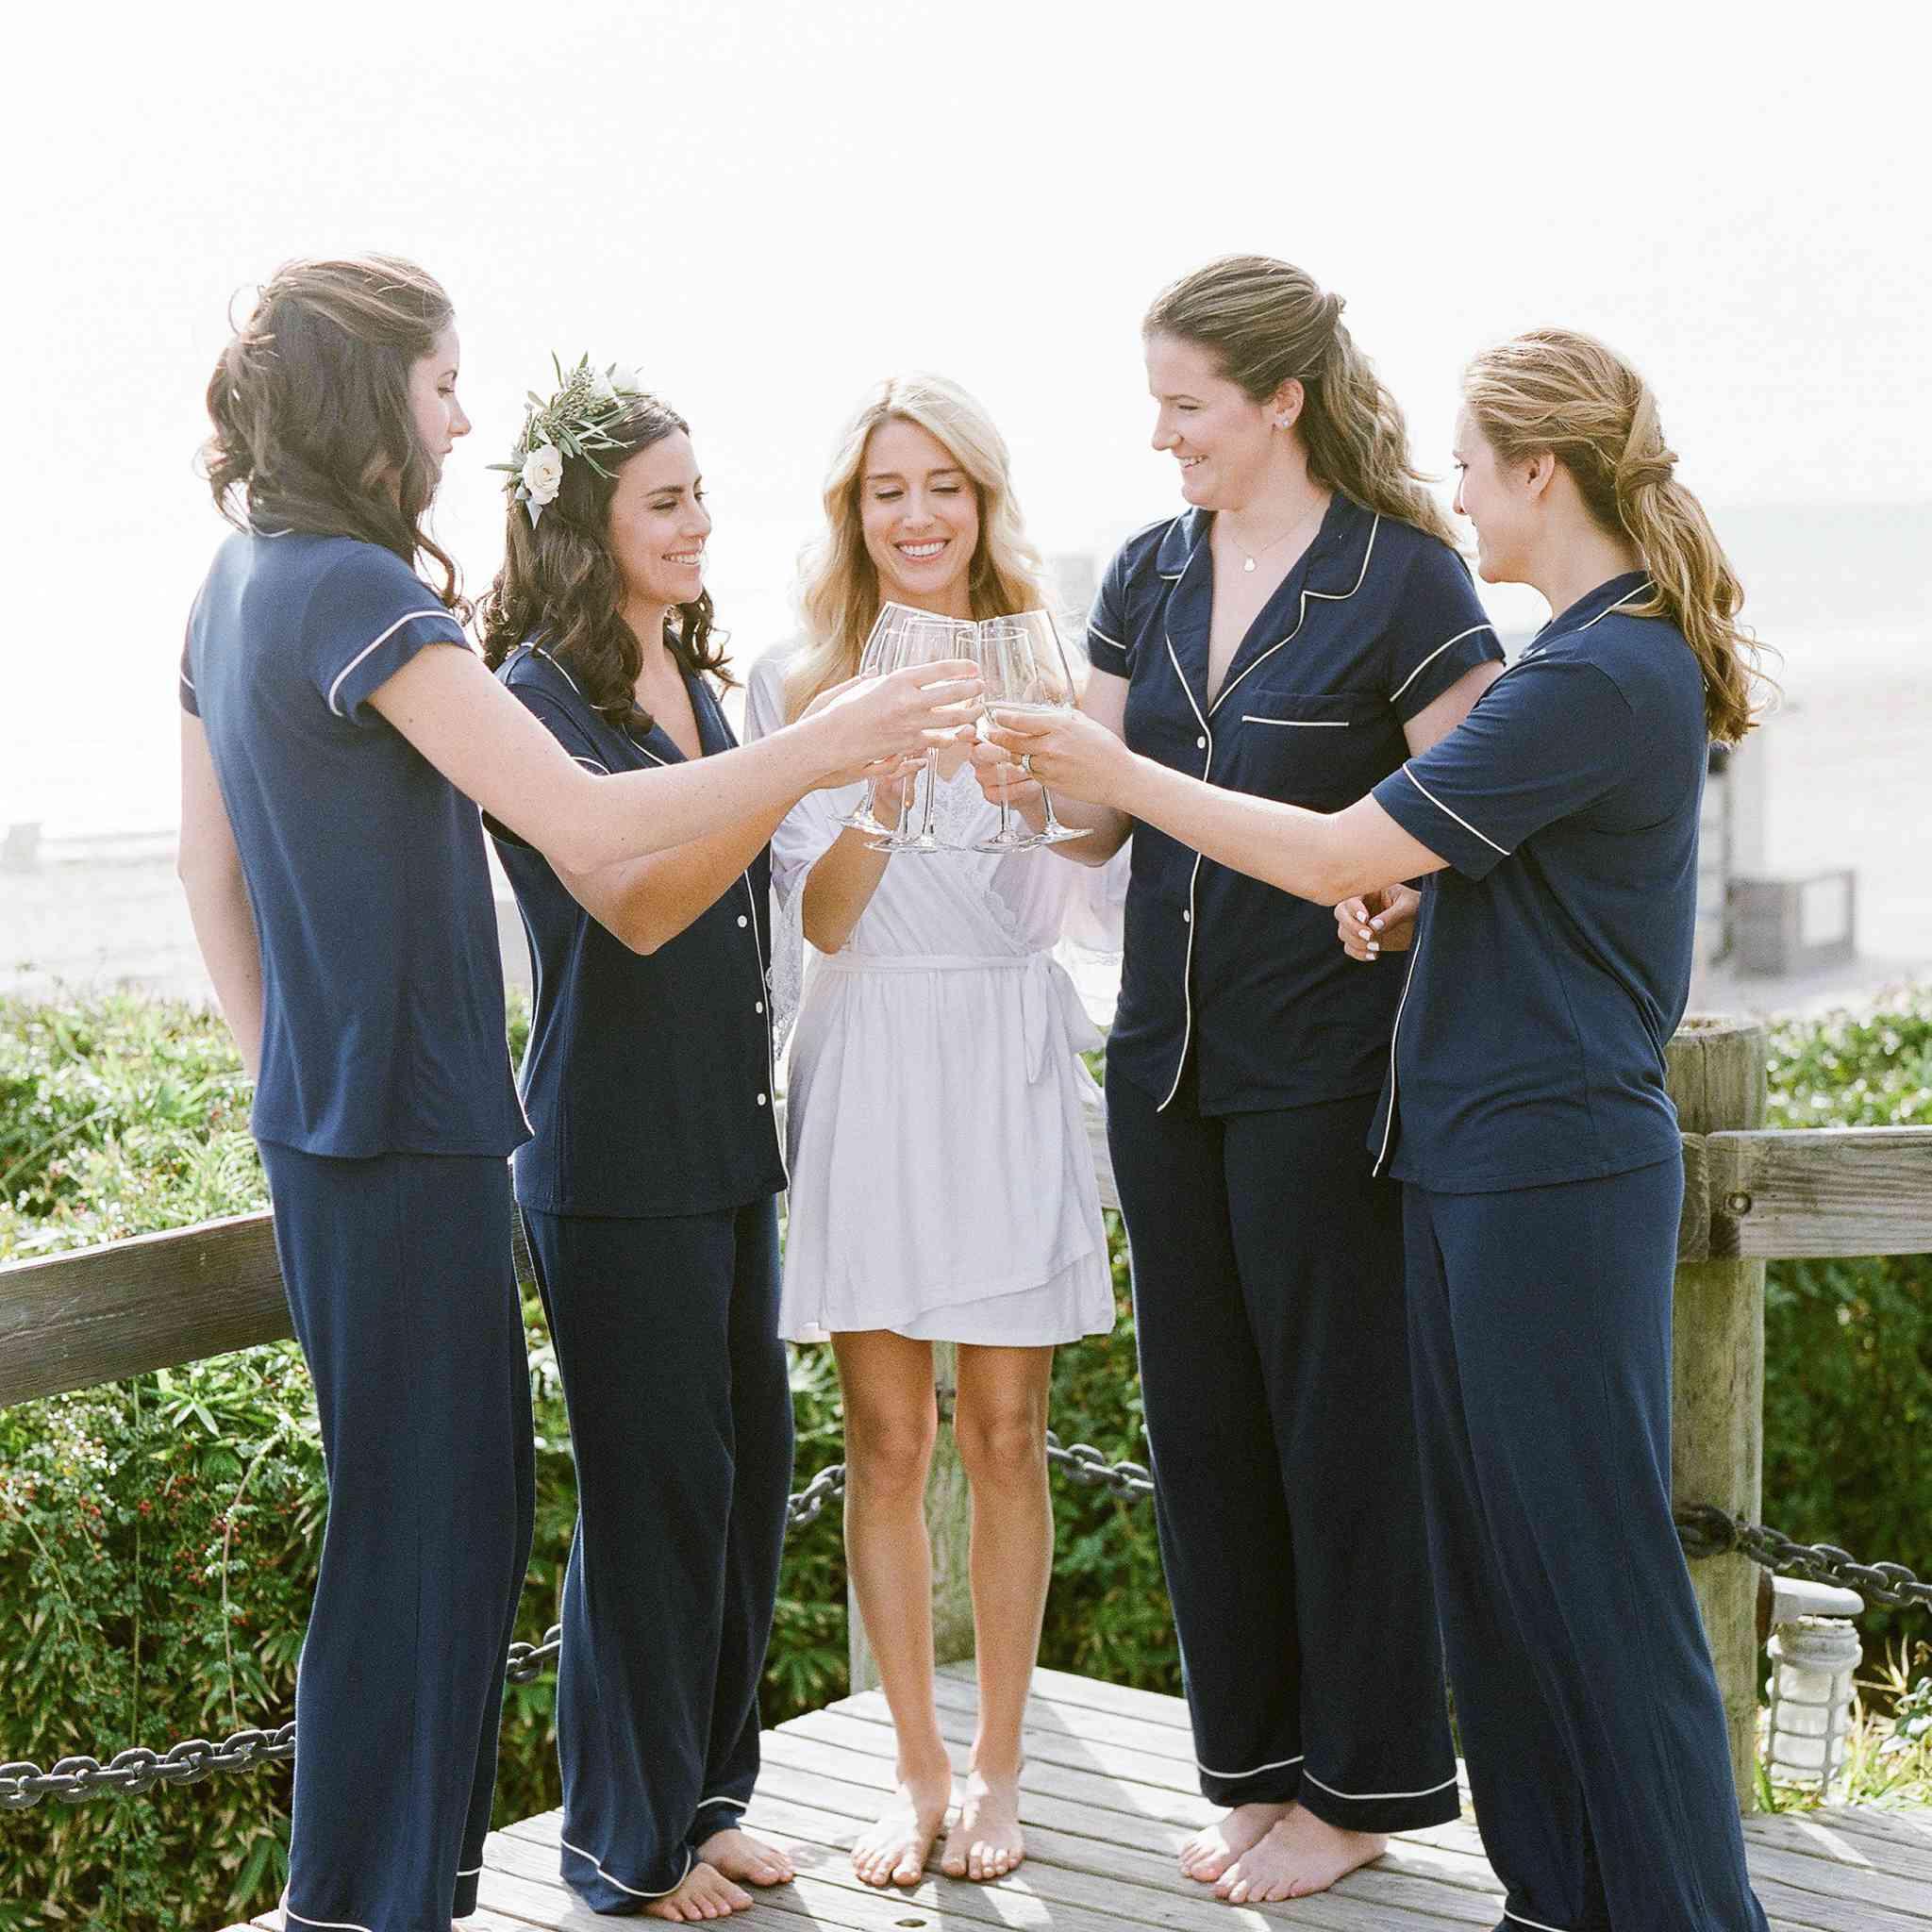 <p>bridesmaids pajamas toast getting ready</p><br><br>